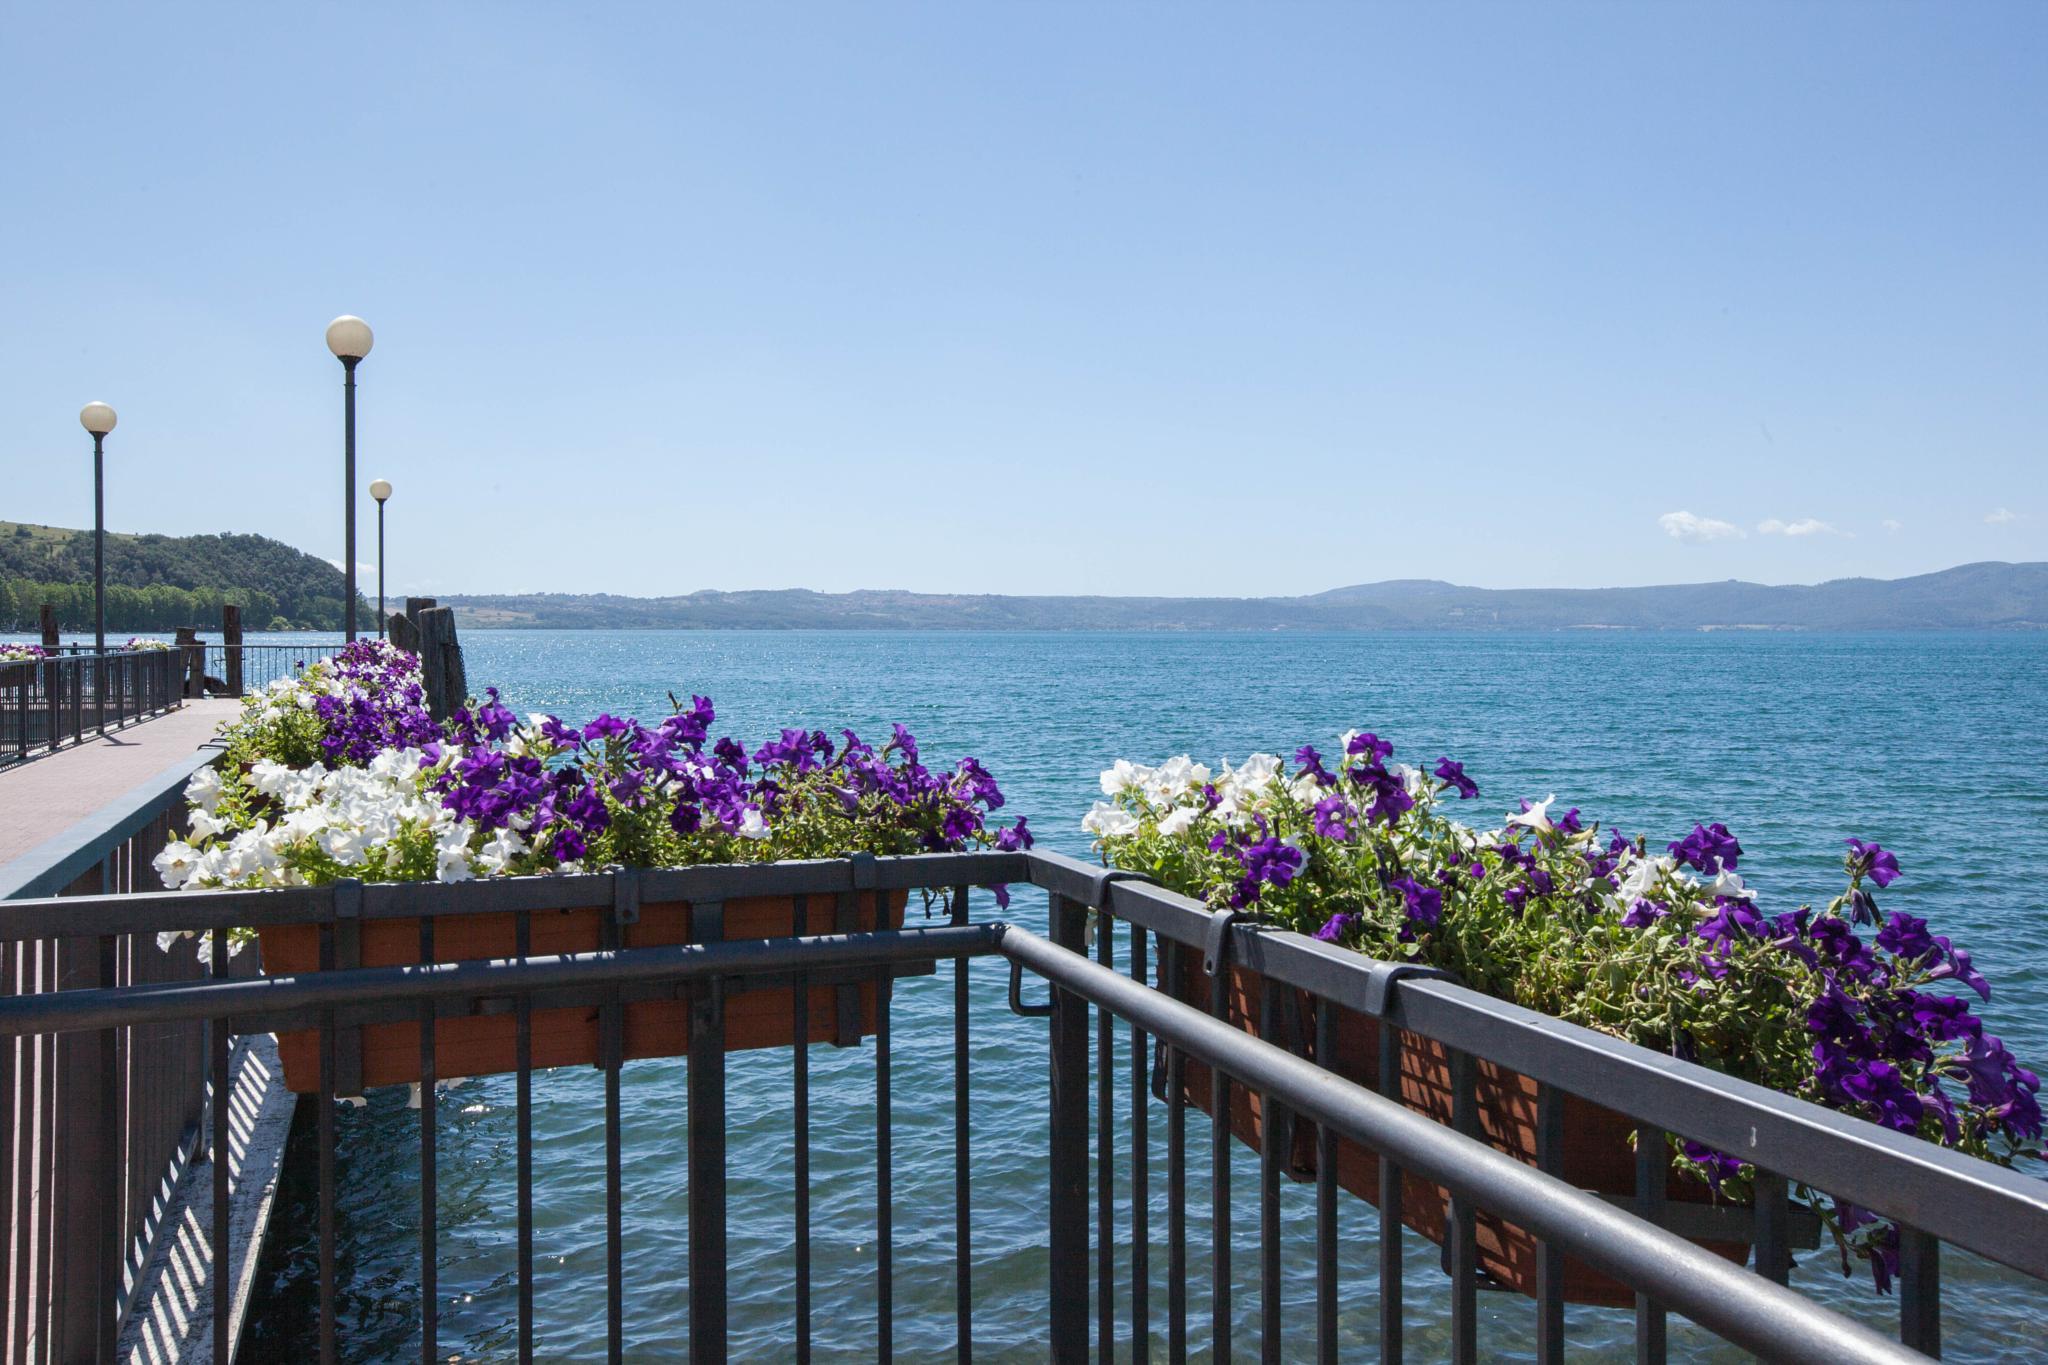 le fioriere e il lago by Patrizia Emmepi